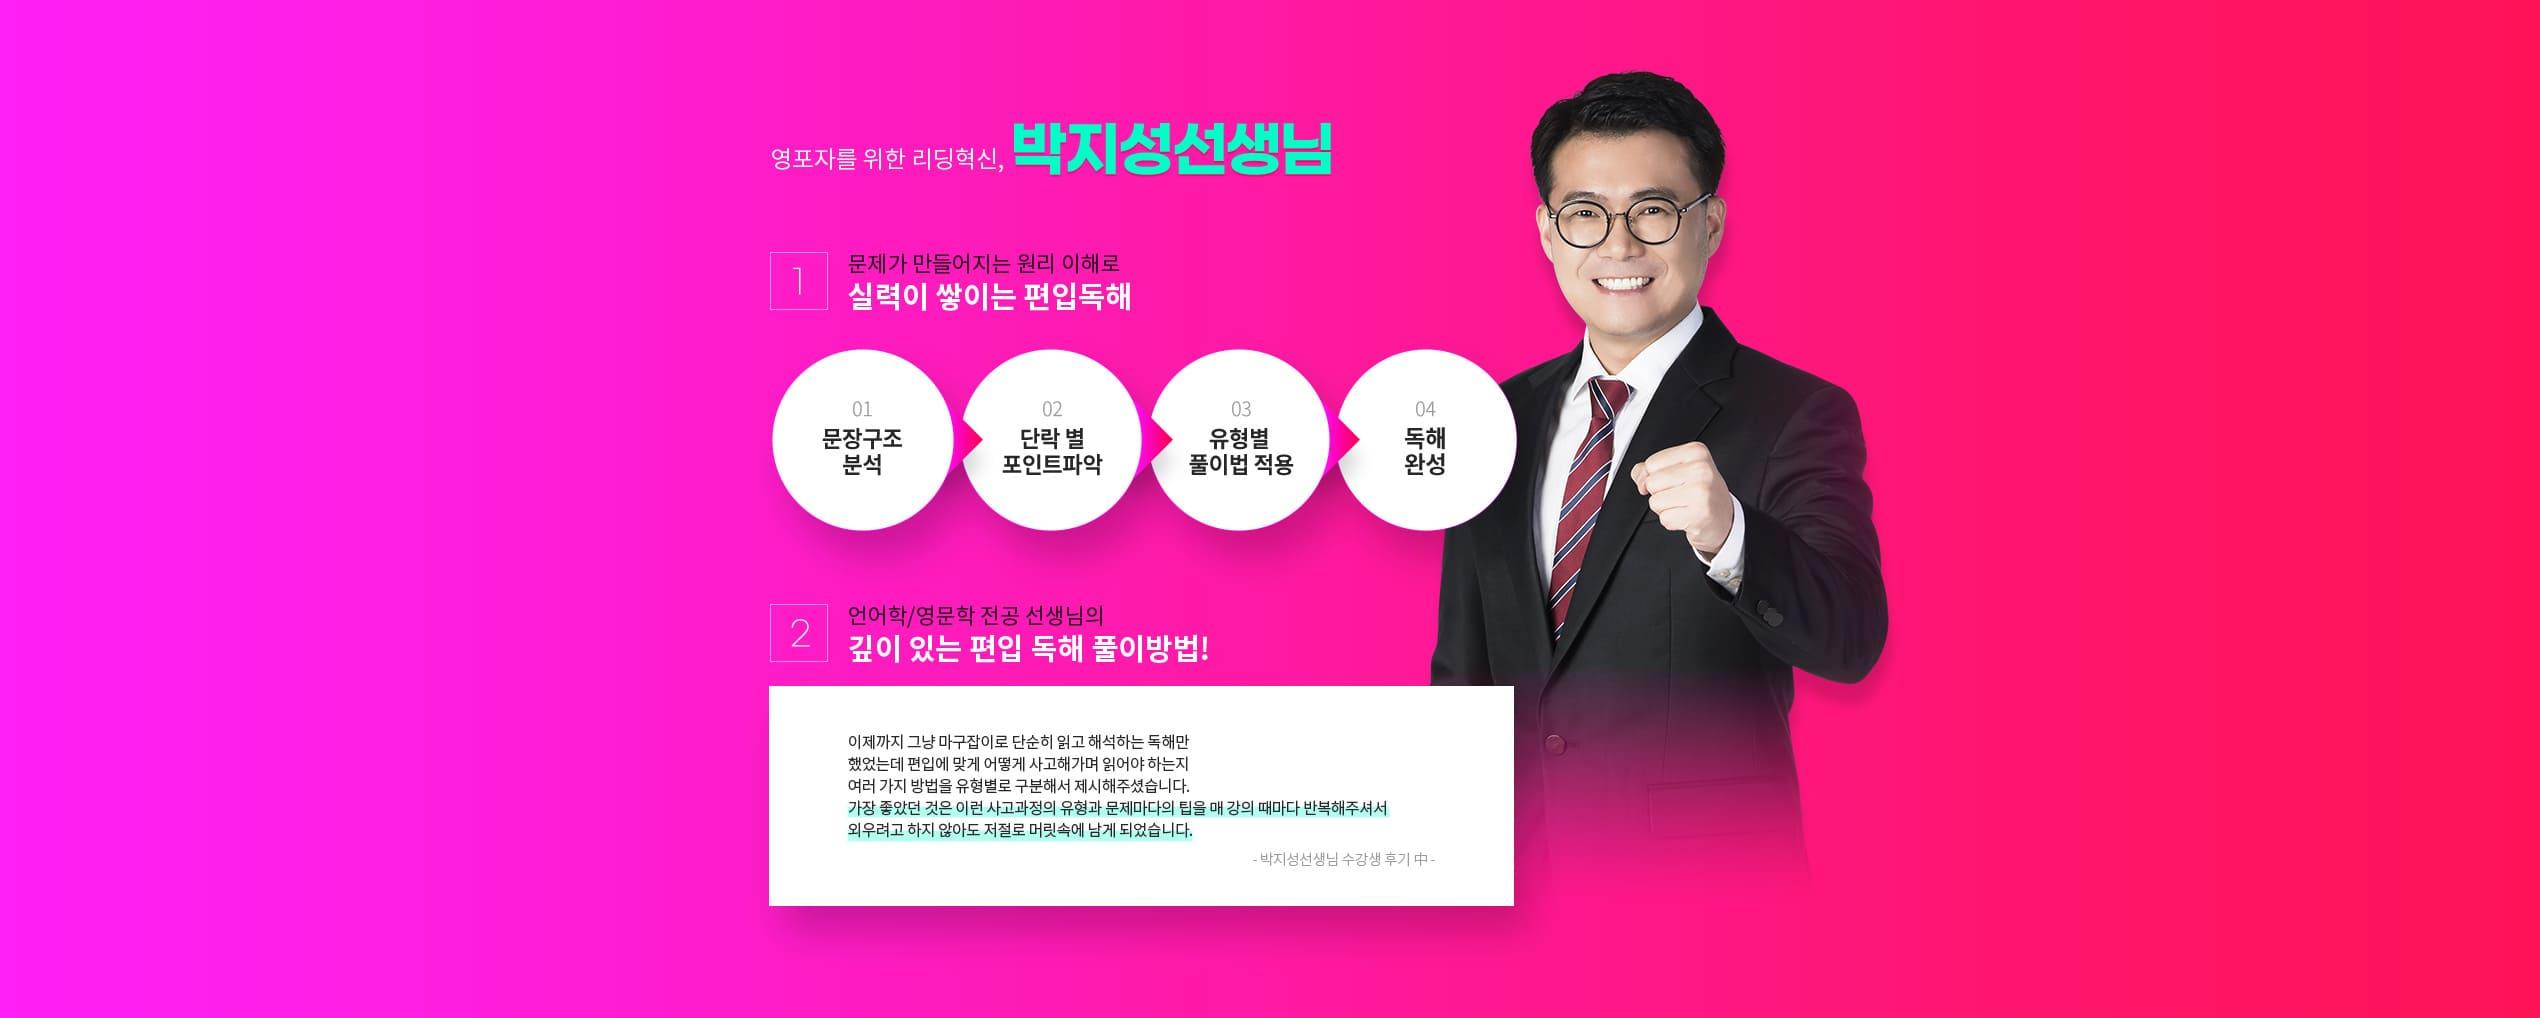 박지성 교수님